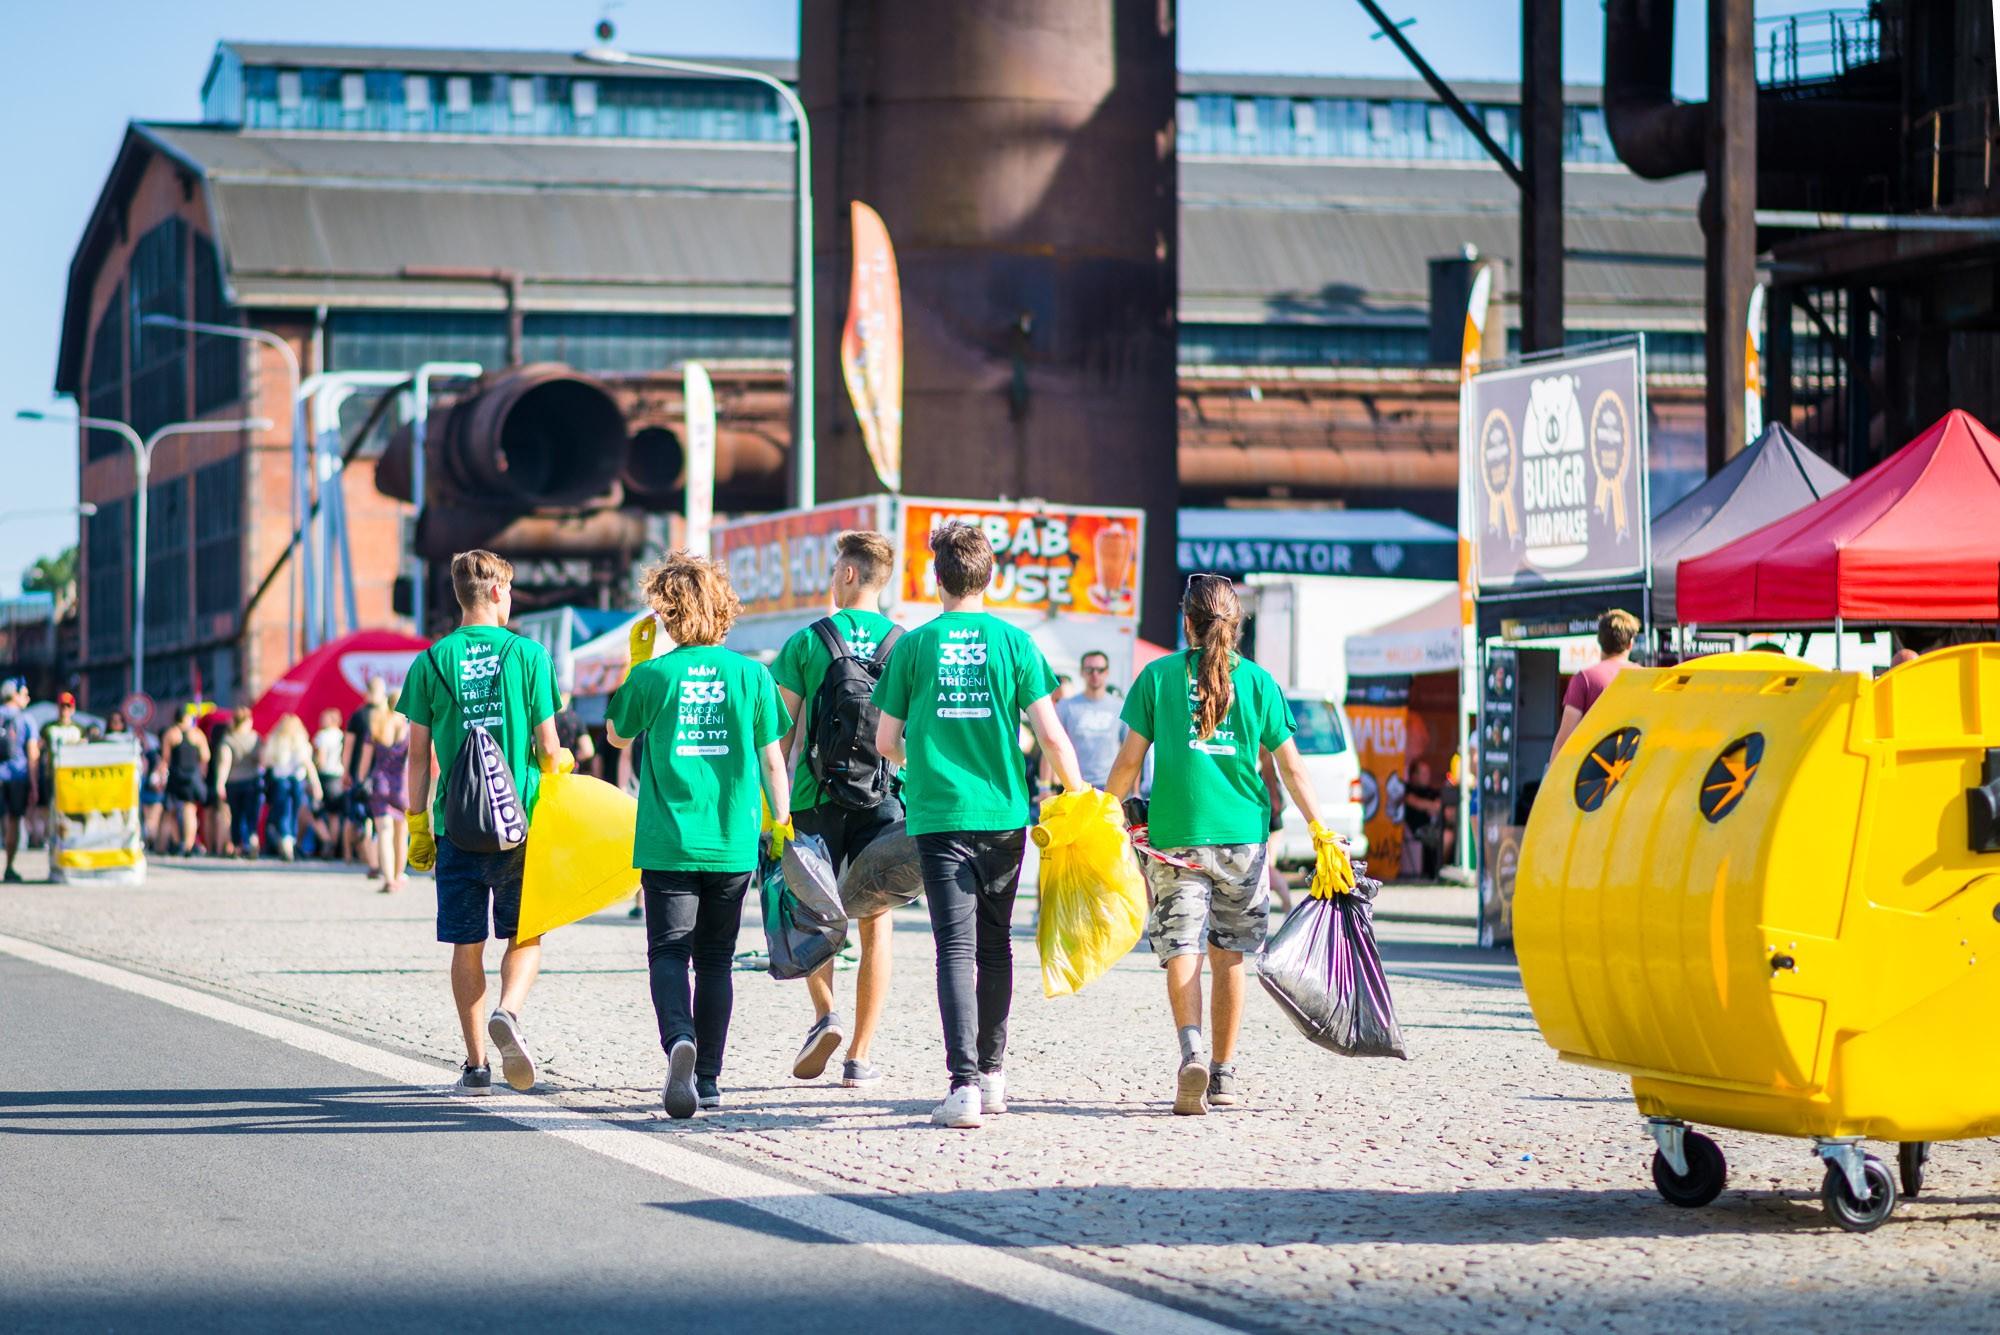 Celkem 120členů úklidových čet sestará očisté designové koše, aletaké oto, abybyltříděn odpad odhozený nazem